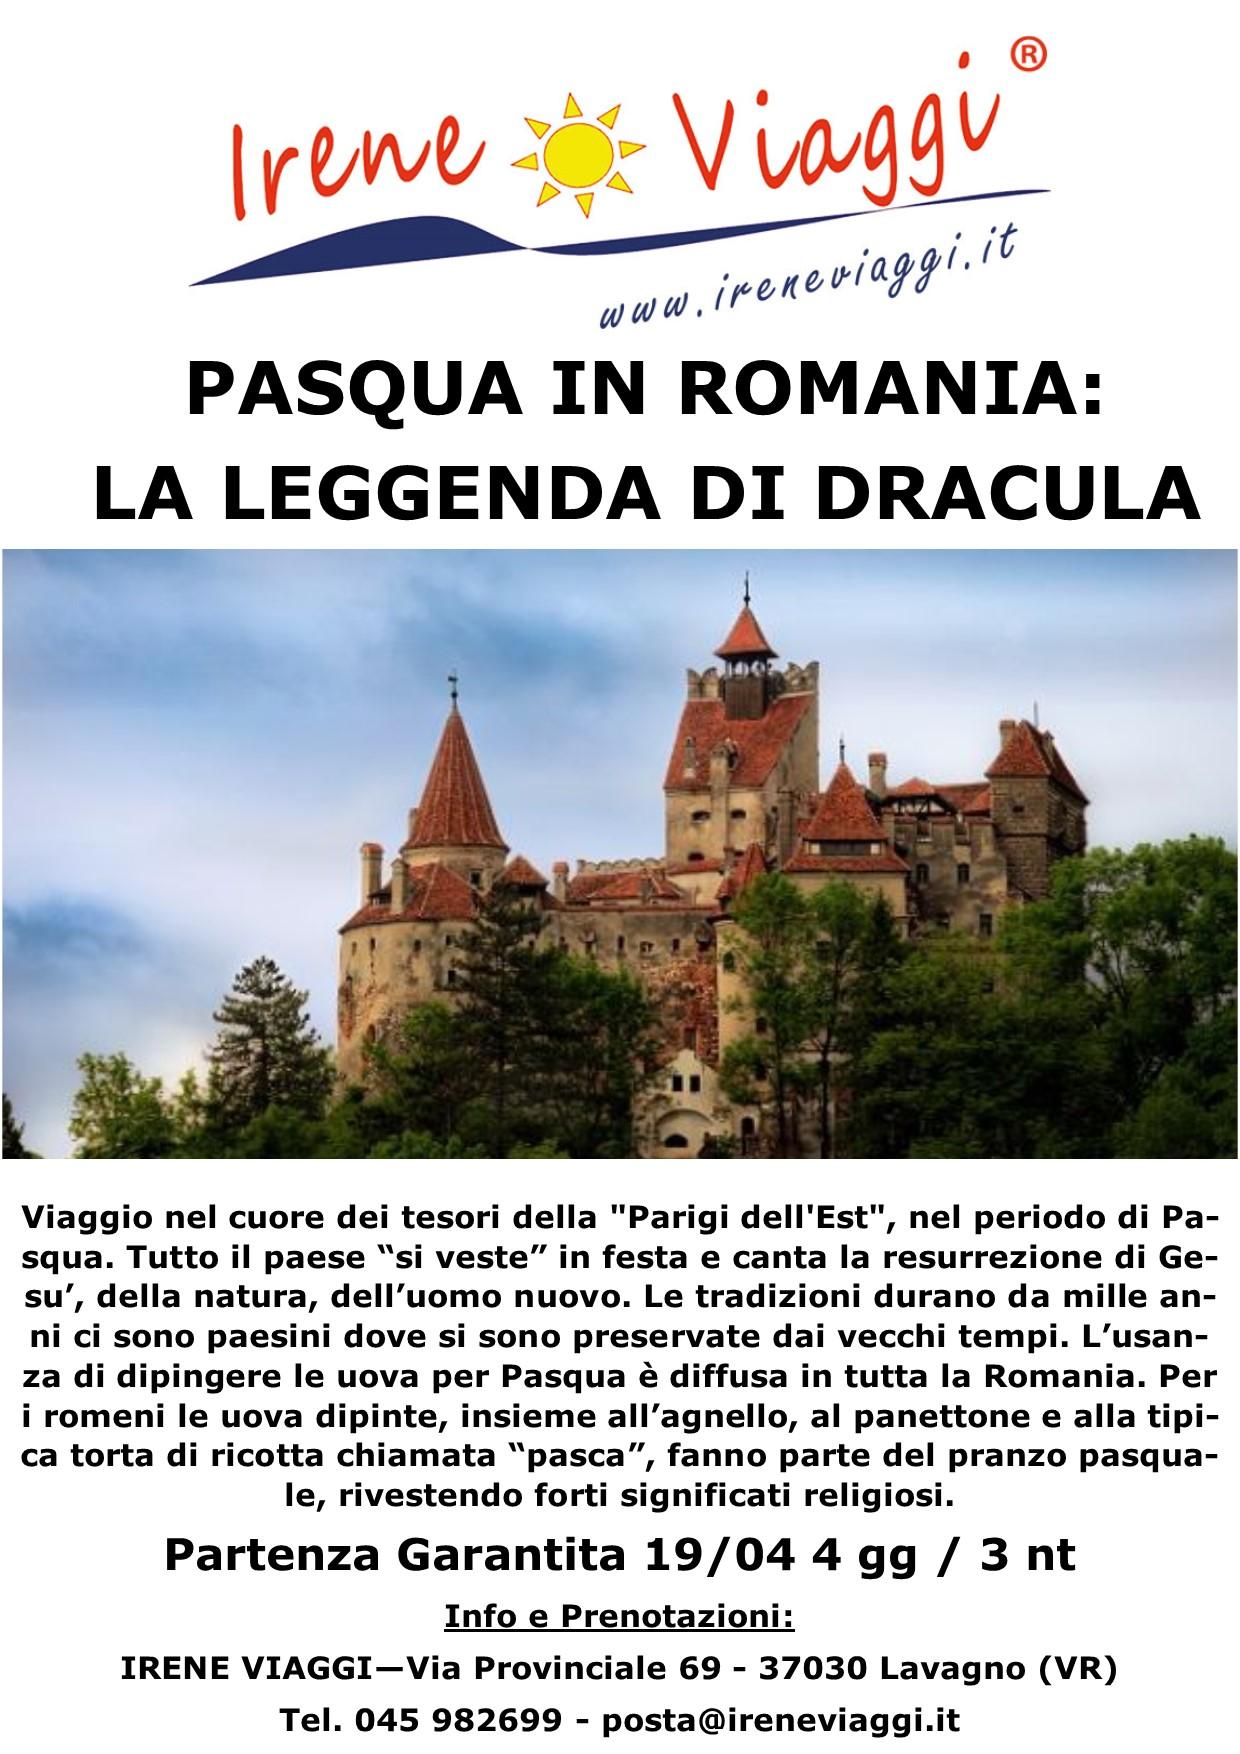 La leggenda di Dracula